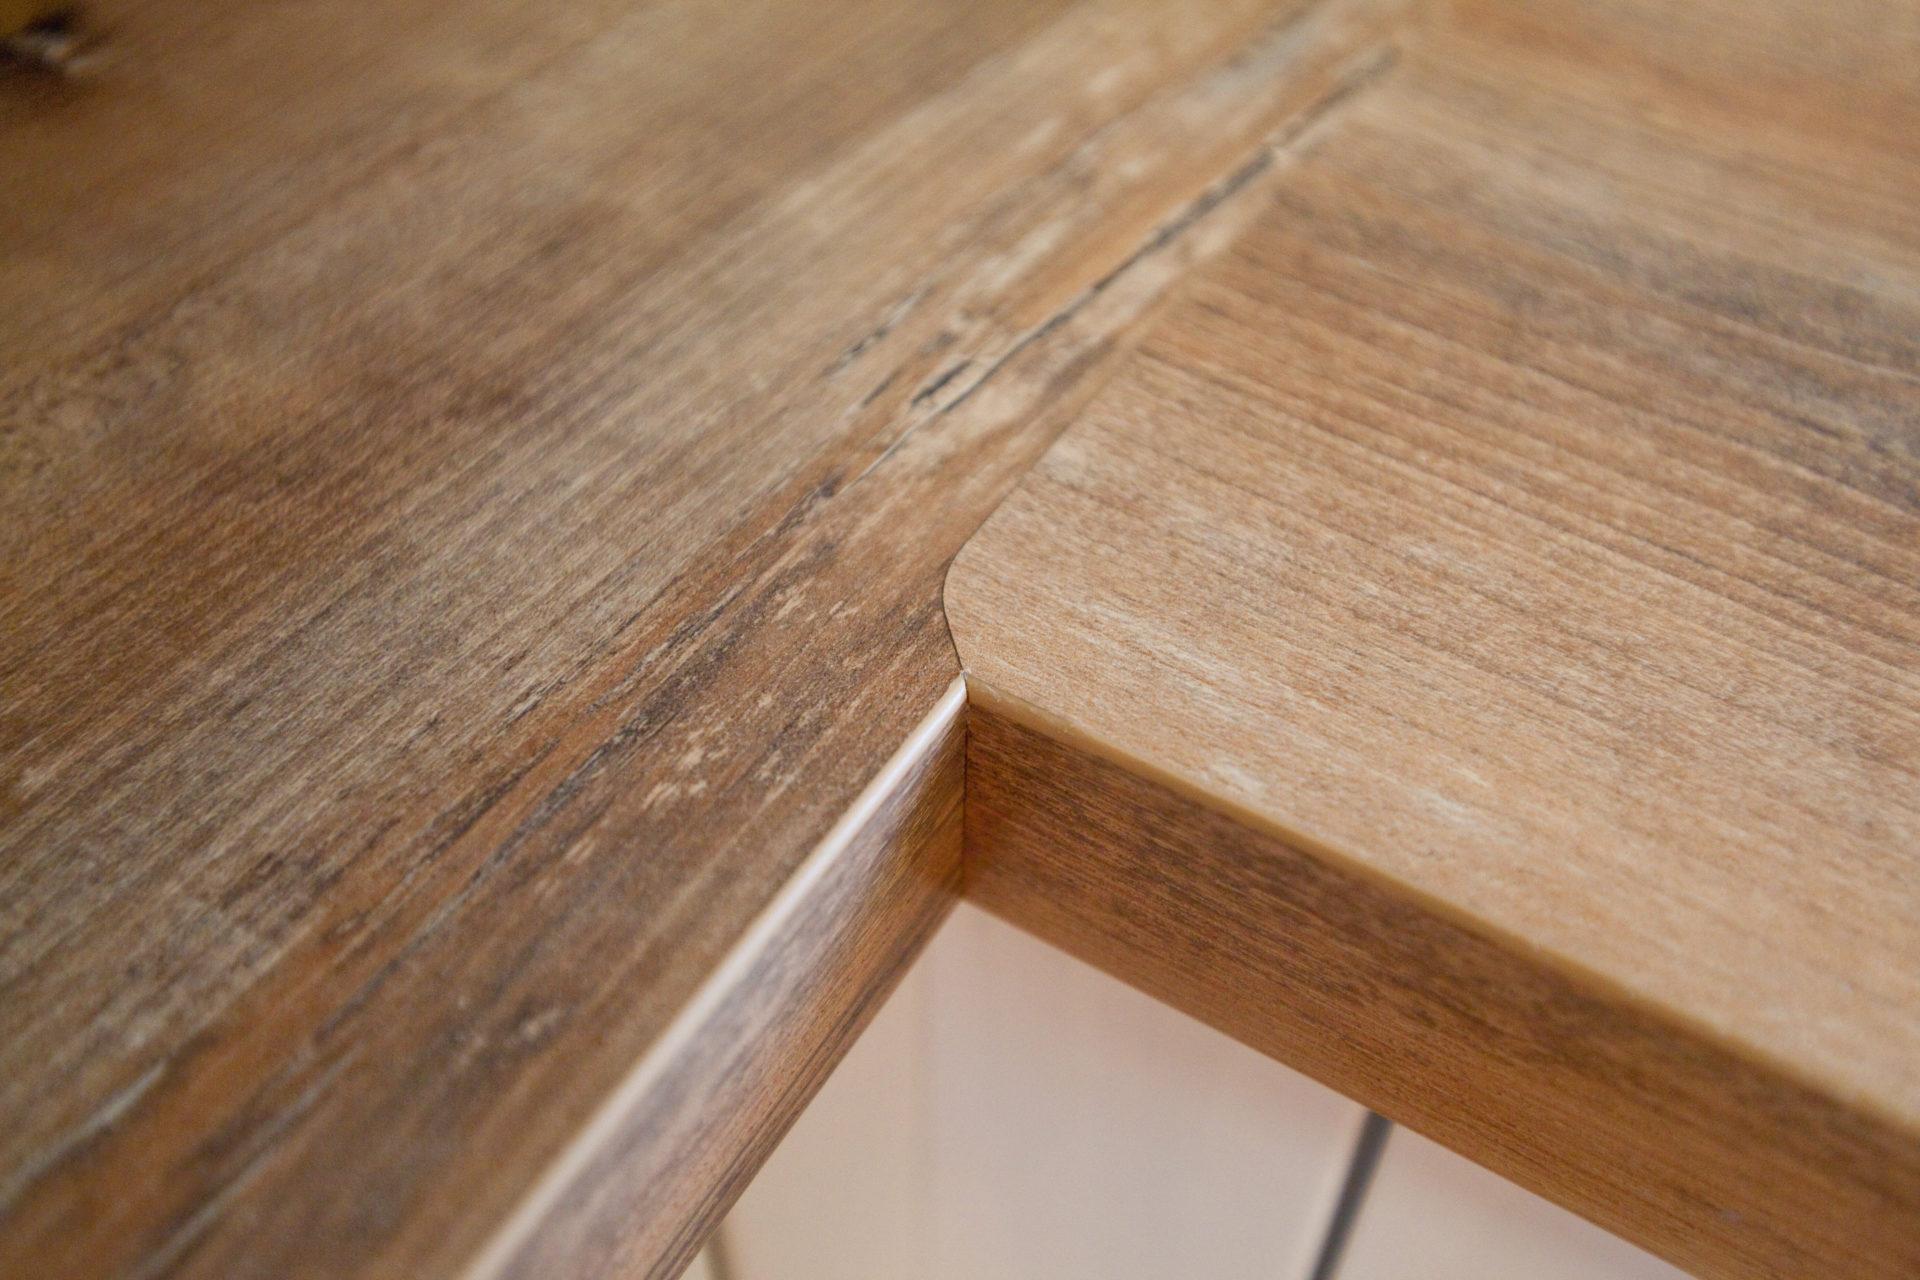 Moderne Landhauskueche Weiß Klassisch Holz Kueche Kochinsel Bora Neff 067